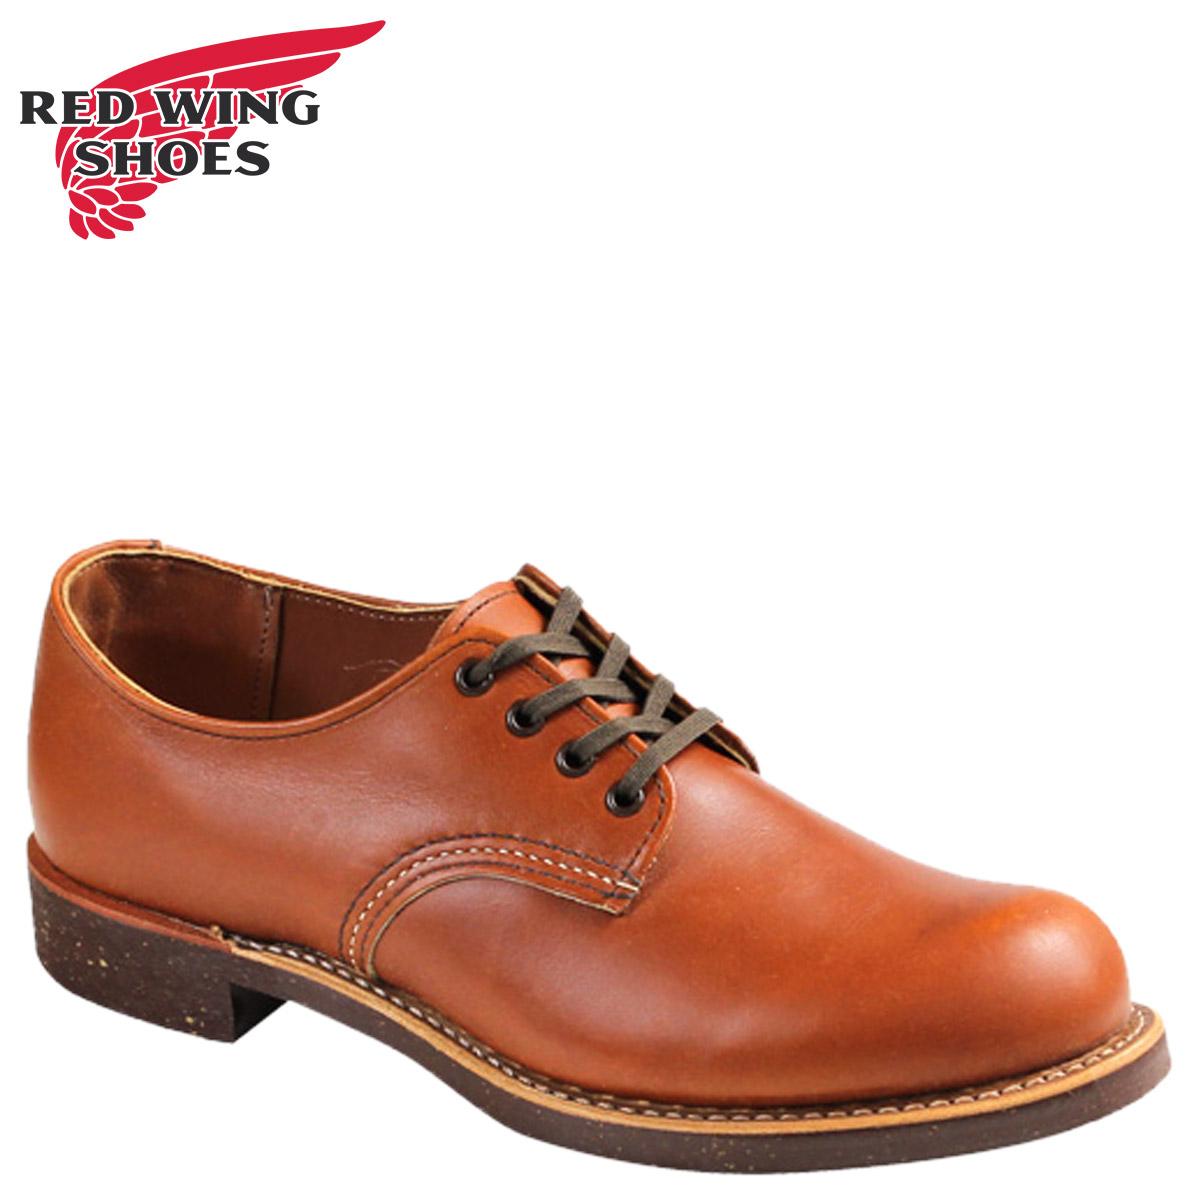 海外並行輸入正規品 RED WING レッドウィング オックスフォード シューズ OXFORD Dワイズ 8052 レッドウイング アイリッシュセッター メンズ, 特選 着物と帯 みやがわ 5ec3e0e7